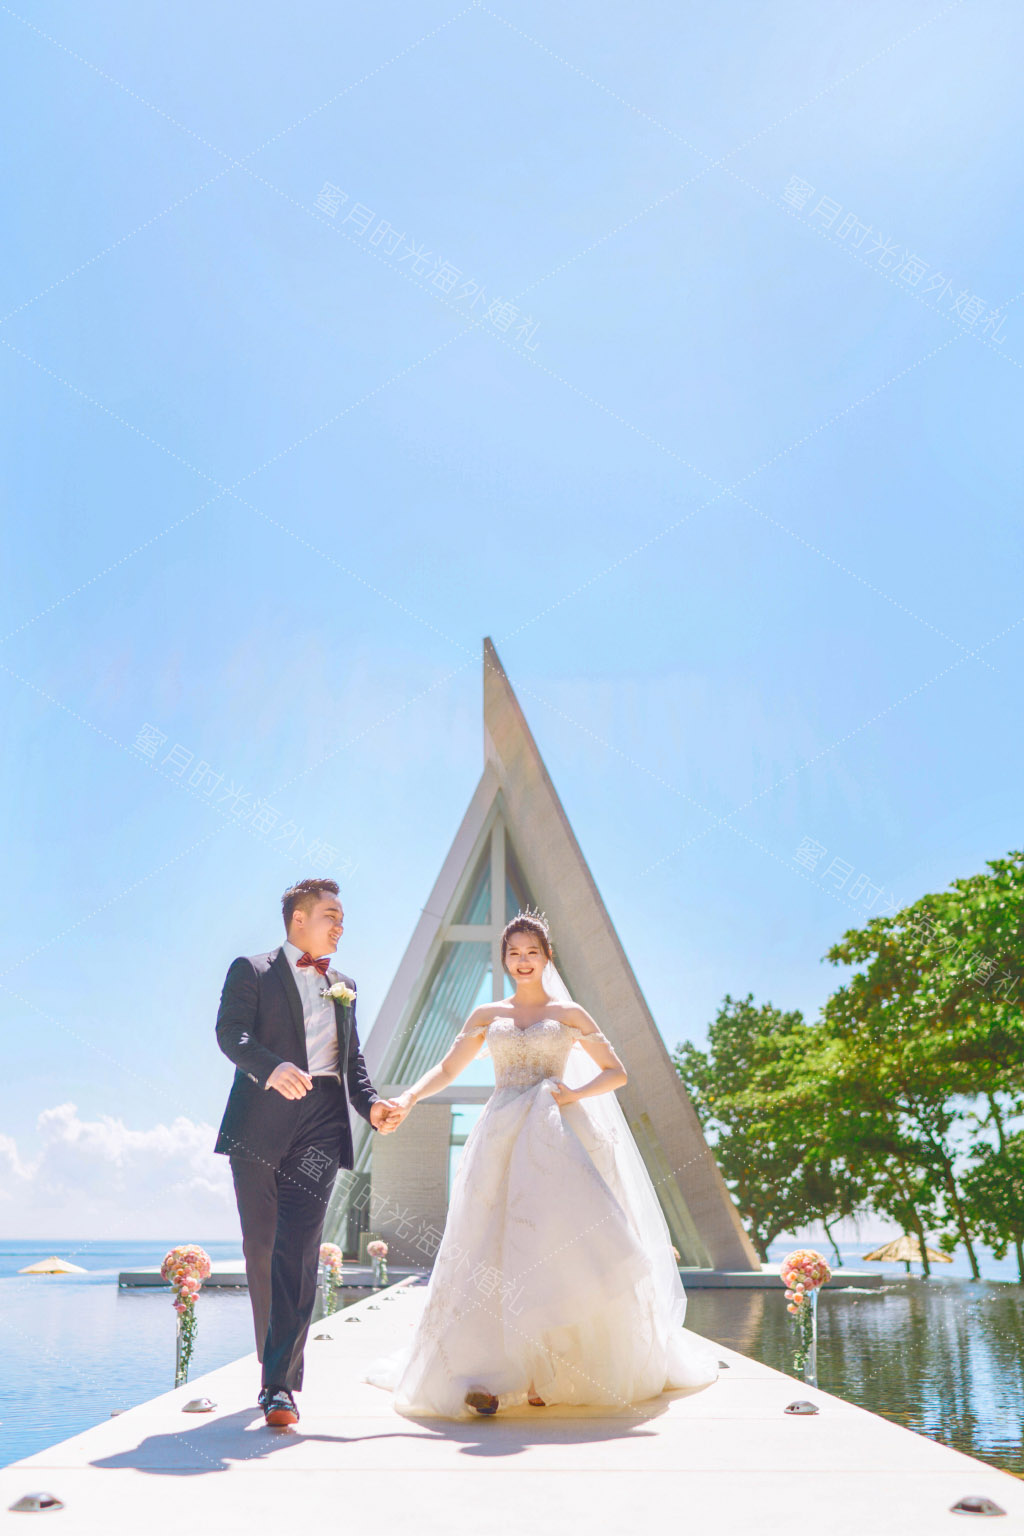 港丽无限教堂婚礼+升级布置|巴厘岛港丽无限教堂外_一条奔向幸福和快乐的康庄大道|海外婚礼